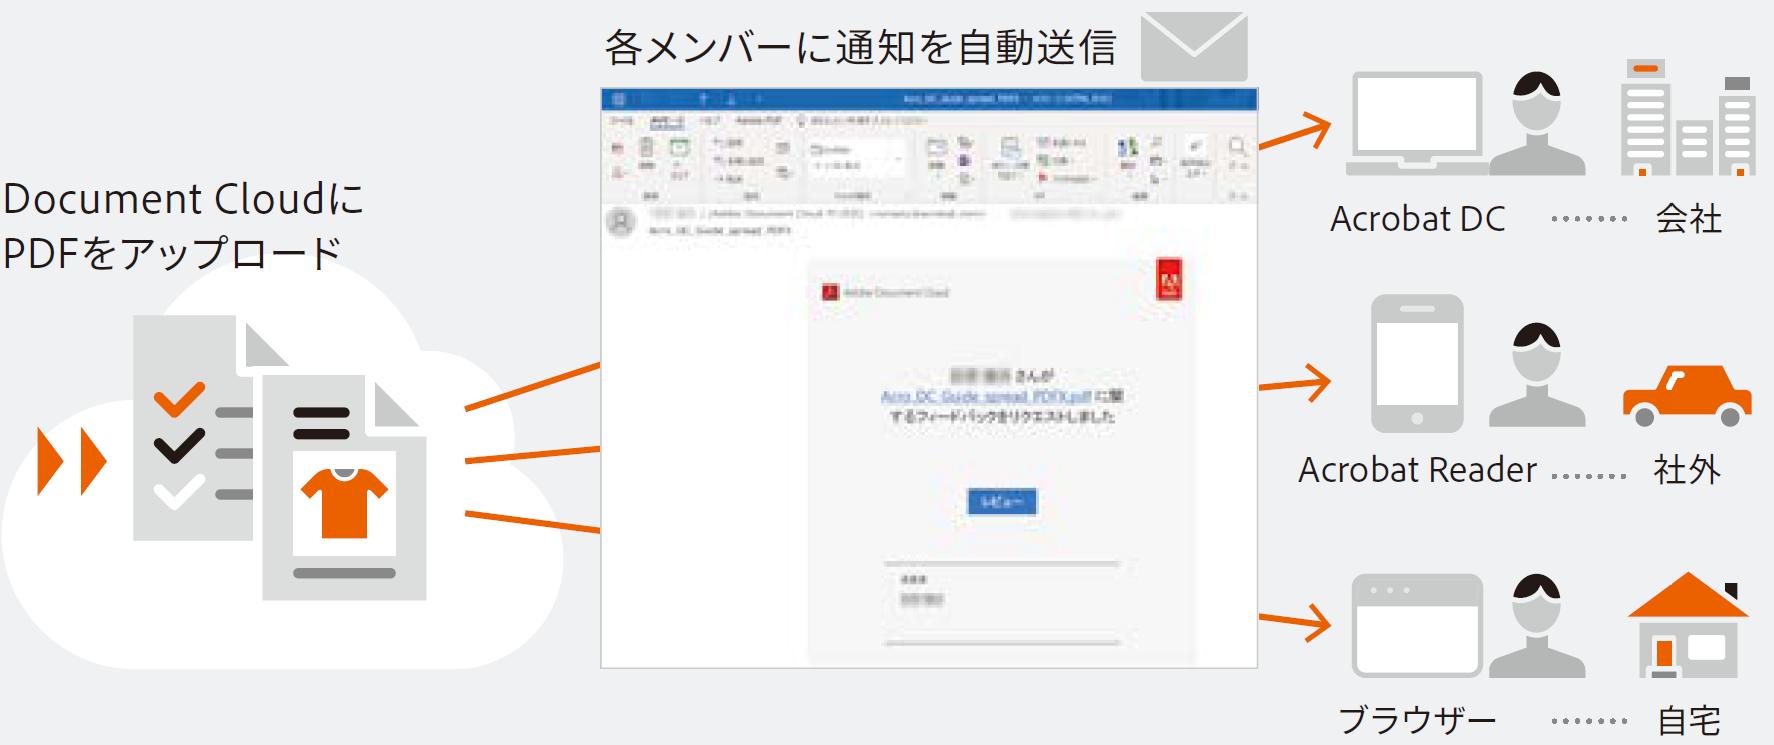 adobe pdf 編集不可にする